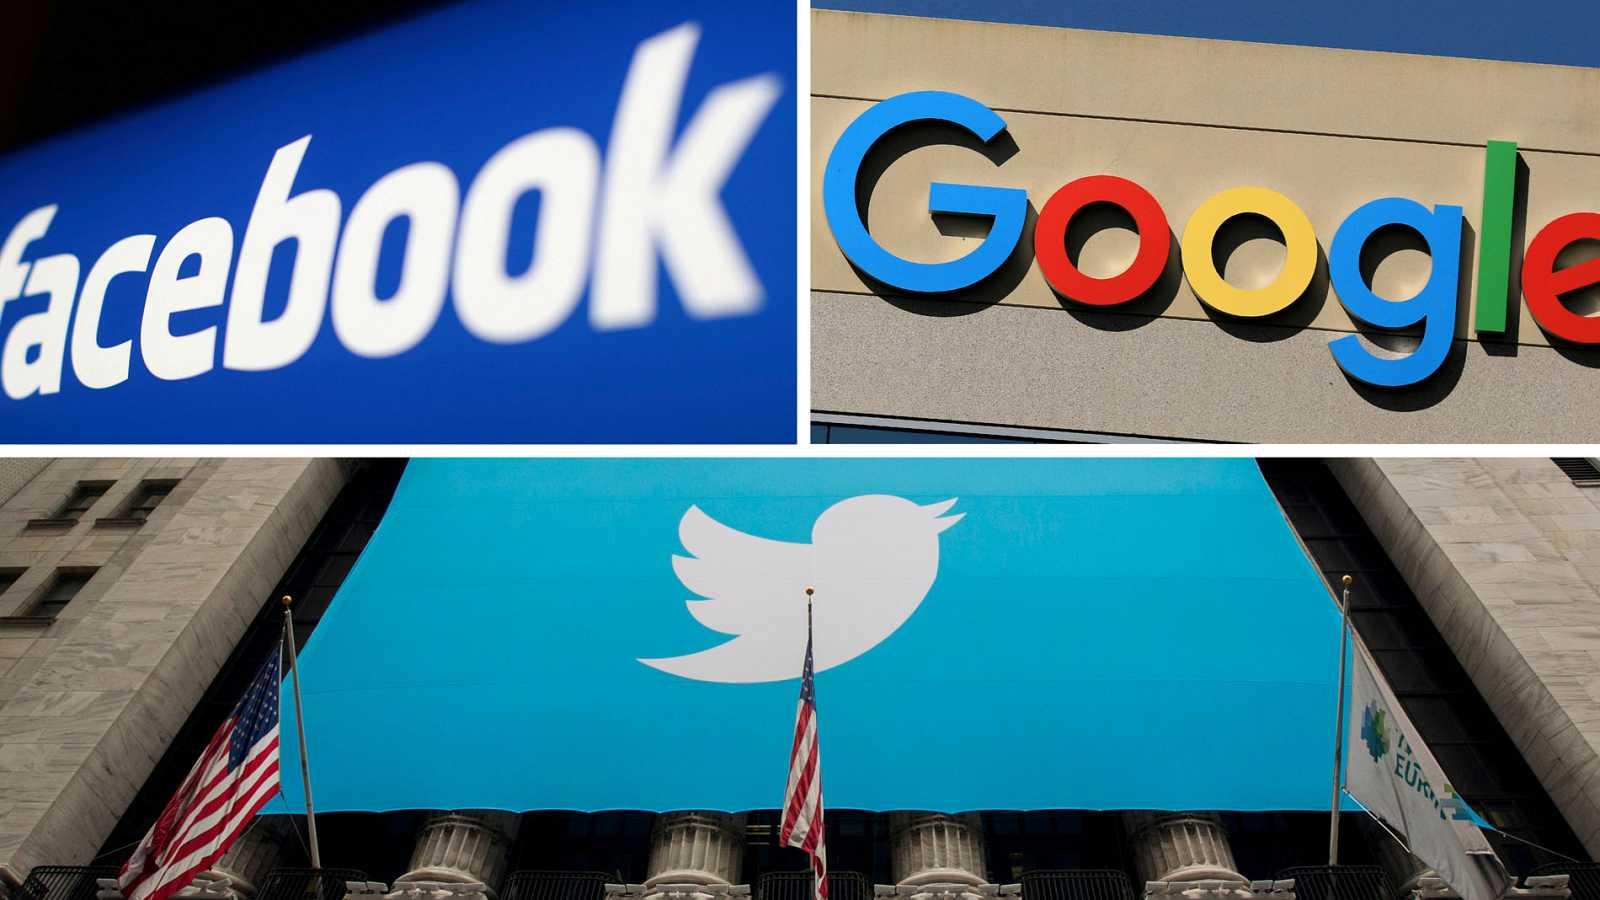 El Gobierno dará luz verde este martes a dos nuevos impuestos: la conocida como Tasa Google, que gravará a las empresas tecnológicas y la Tasa Tobin, que afectará a las transacciones financieras. Es el segundo intento del Ejecutivo de Sánchez de crea